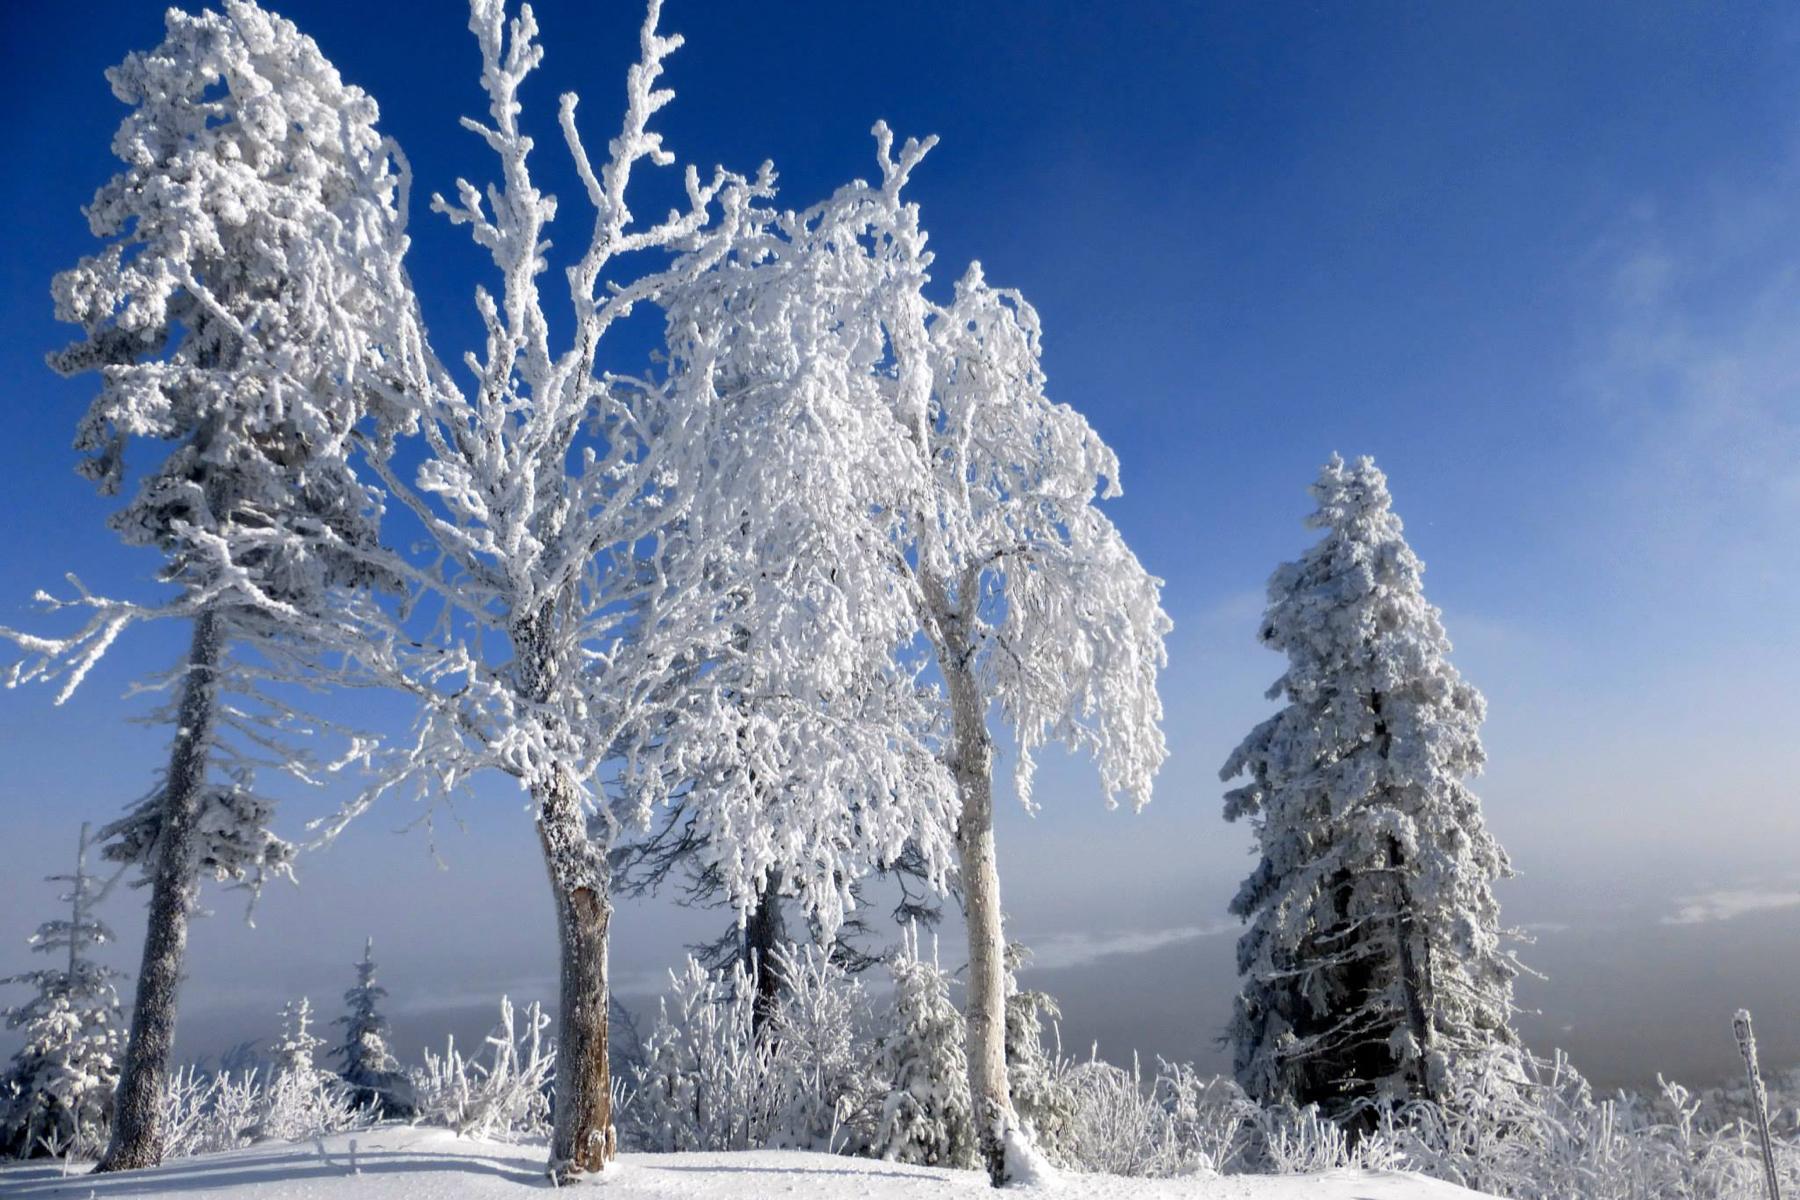 parc-montagne-du-diable-paysage-00030_1800x1200